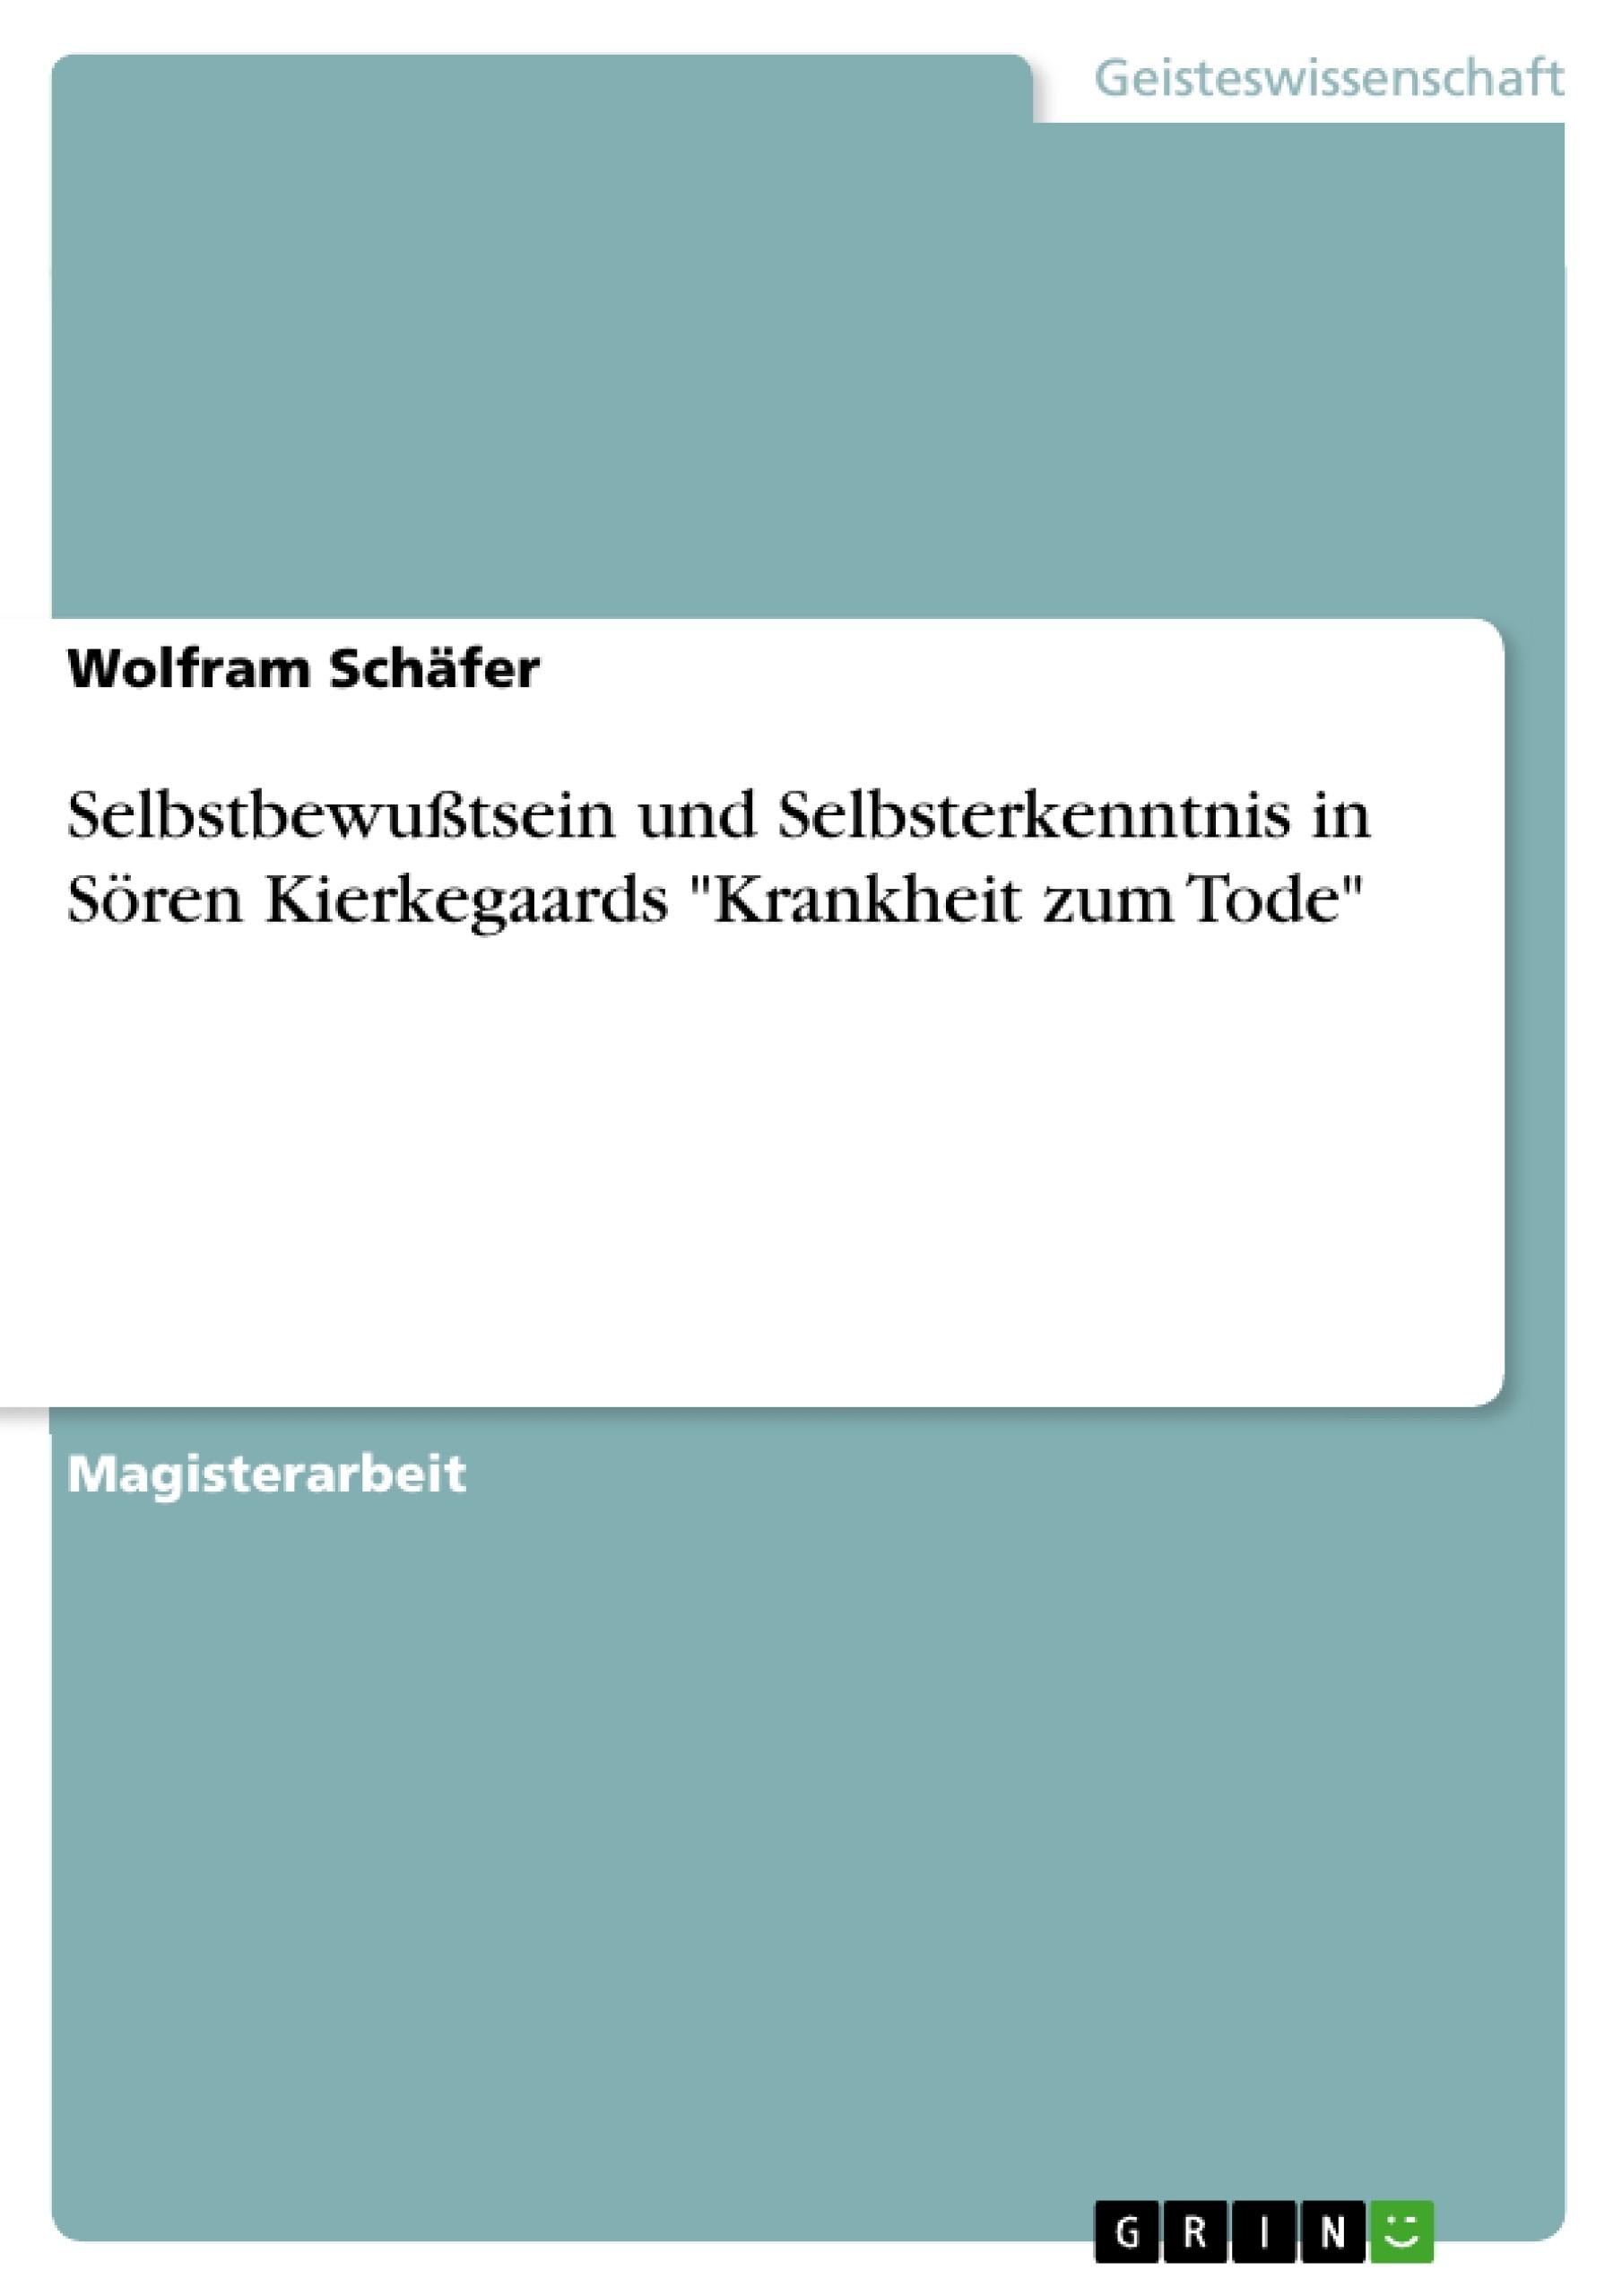 """Titel: Selbstbewußtsein und Selbsterkenntnis in Sören Kierkegaards """"Krankheit zum Tode"""""""